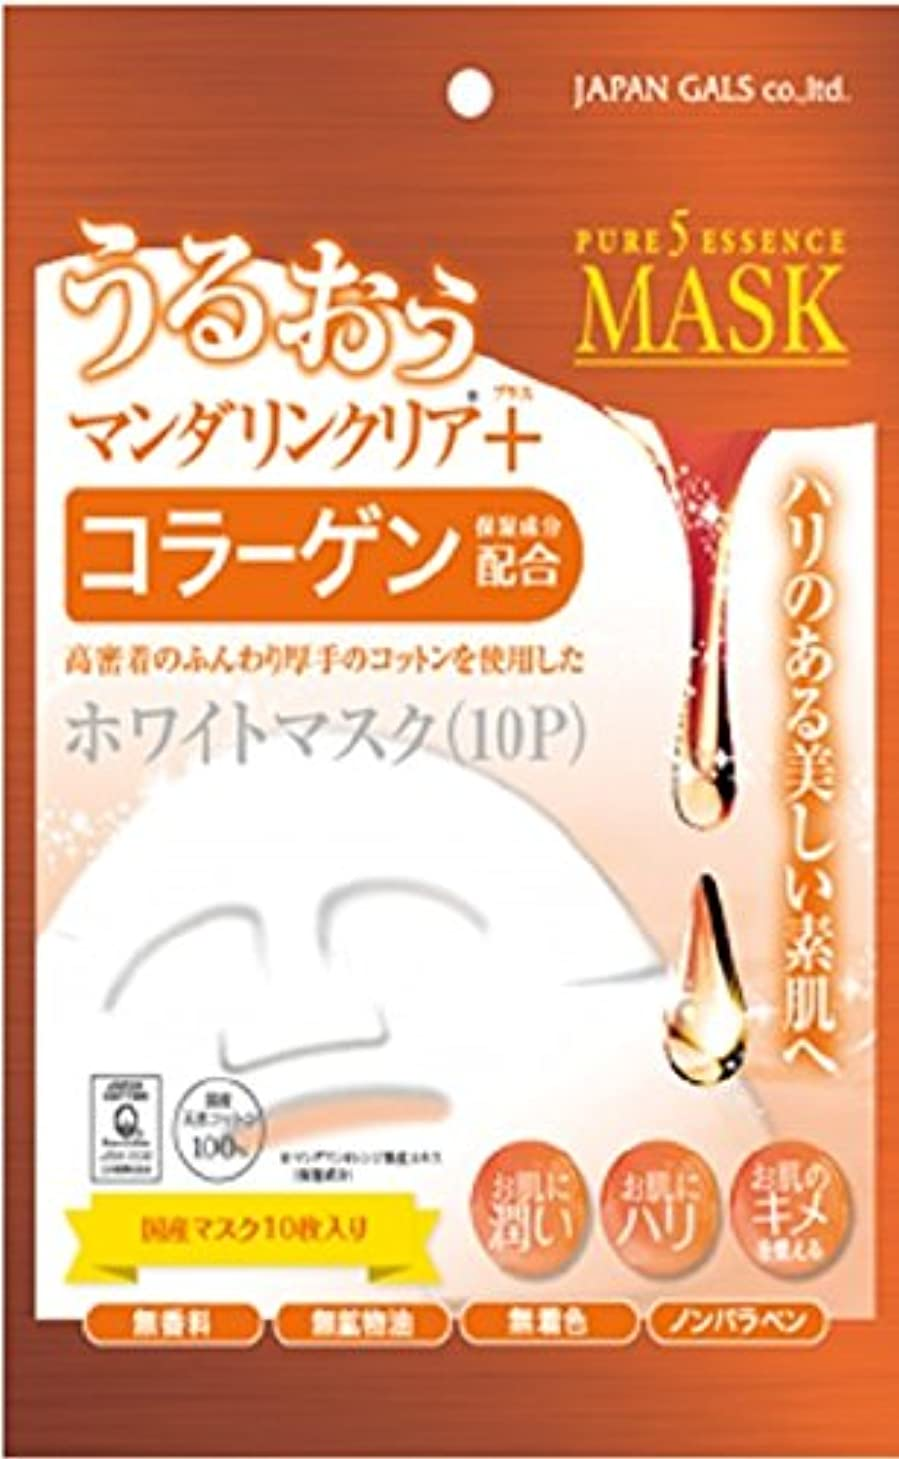 偏見項目後方ジャパンギャルズ ピュアファイブエッセンスマスク (CO+MC) 10枚